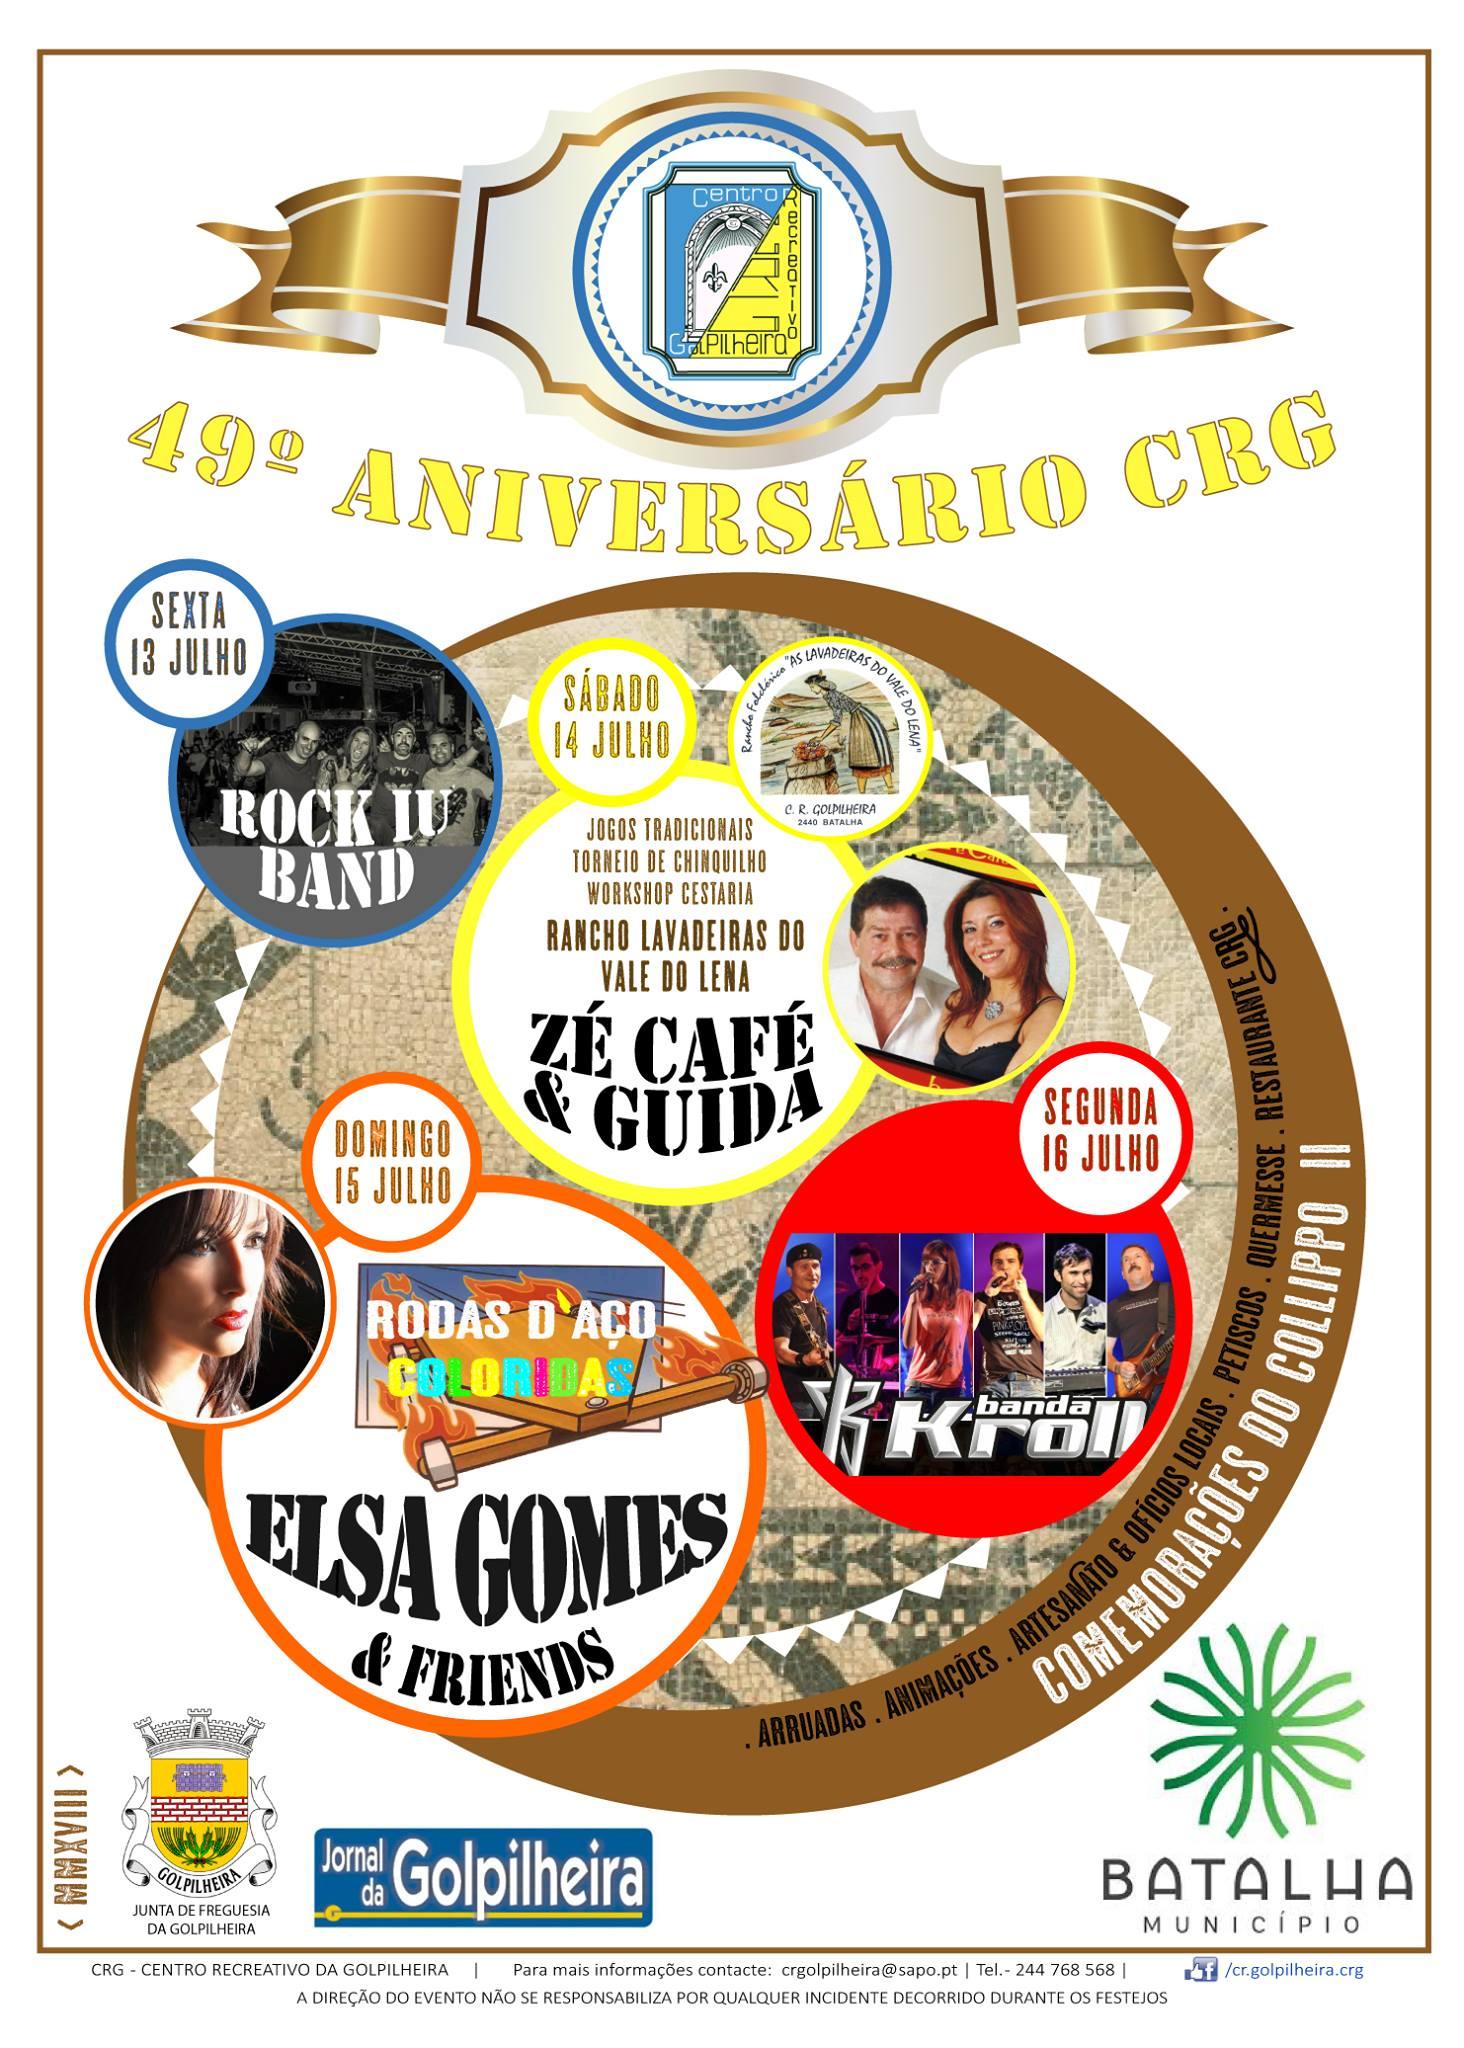 Festa do 49.º aniversário do Centro Recreativo da Golpilheira nos dias 13 a 16 de Julho